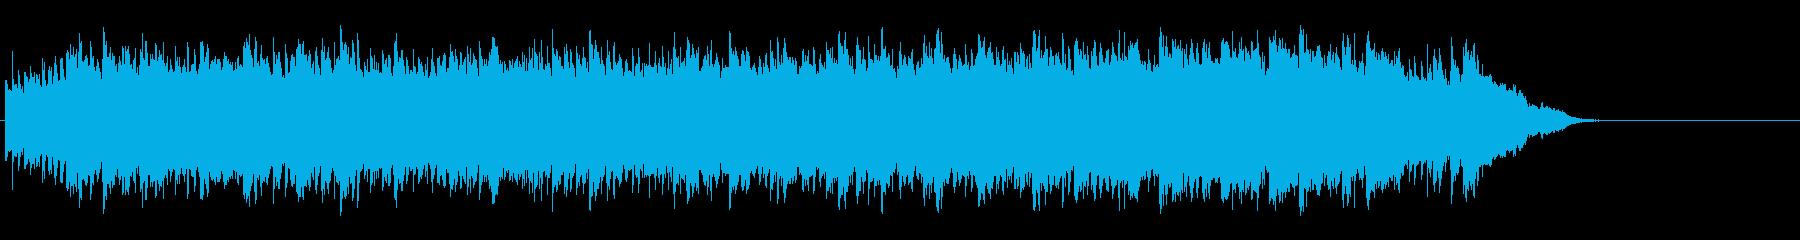 小川のせせらぎの清涼感の環境/BGの再生済みの波形